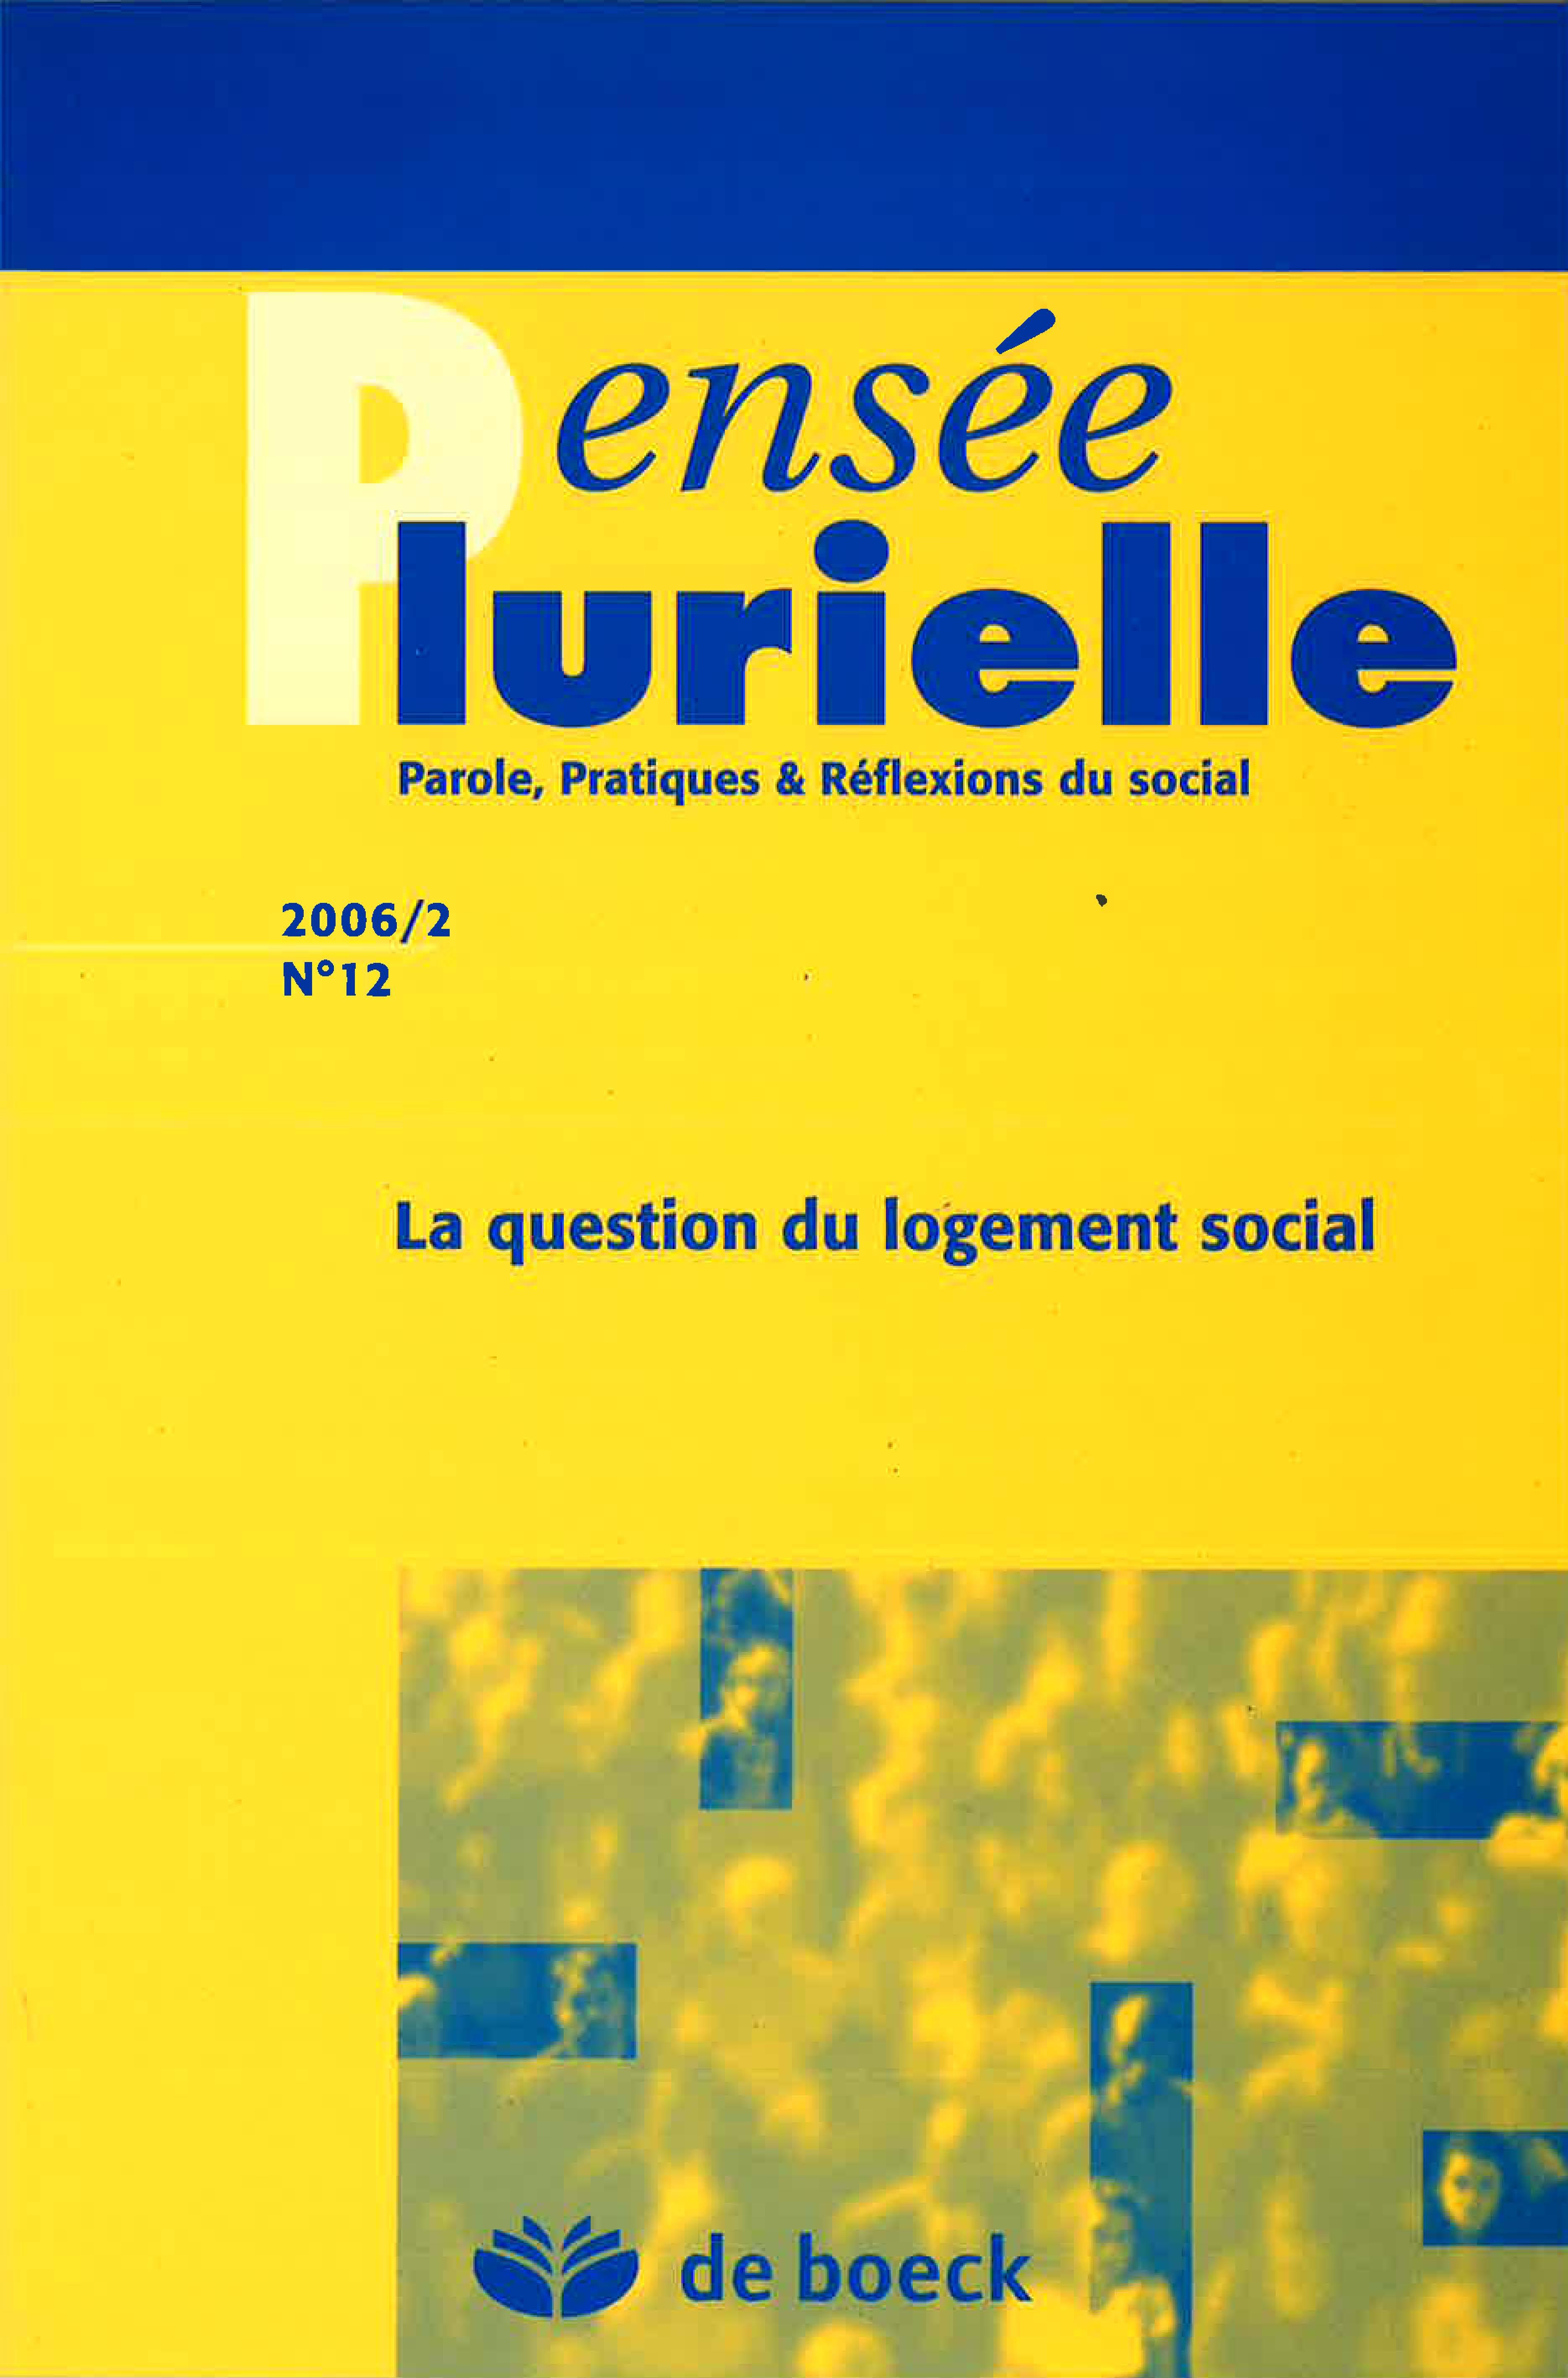 7d4ecea35cf58a Pratiques d'accompagnement social en matière de logement : une expérience  transfrontalière pour contribuer au débat | Cairn.info